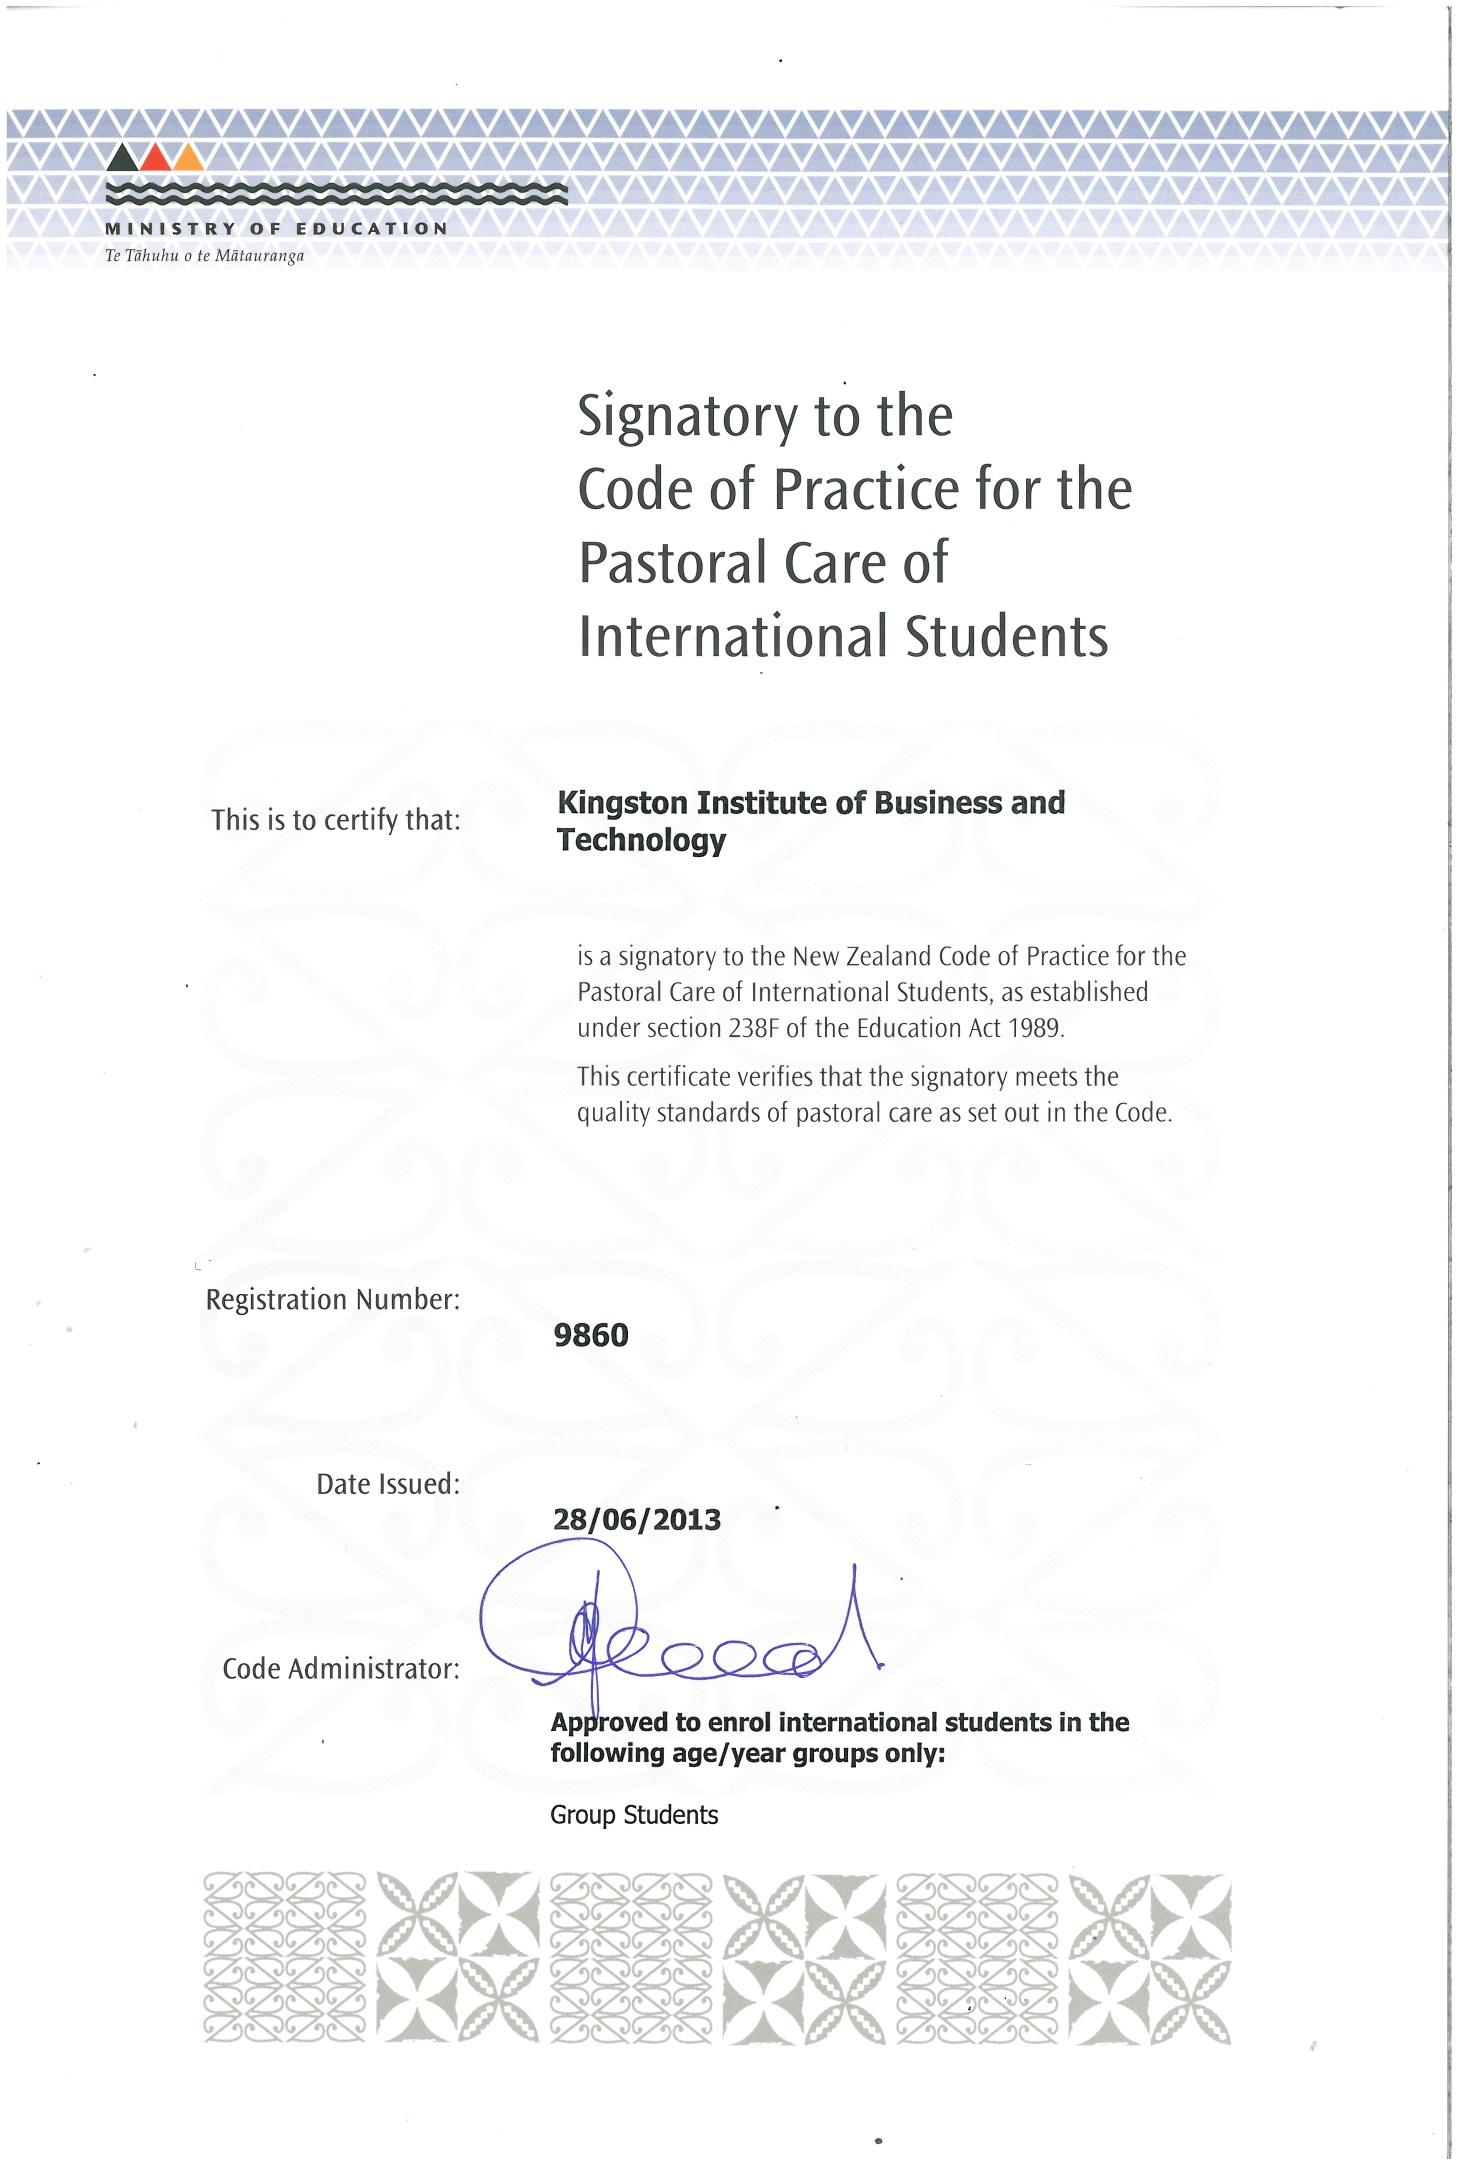 Certificado de Educación Extranjera y Formación – Oficina de Educación, Consulado General de República Popular de China en Auckland